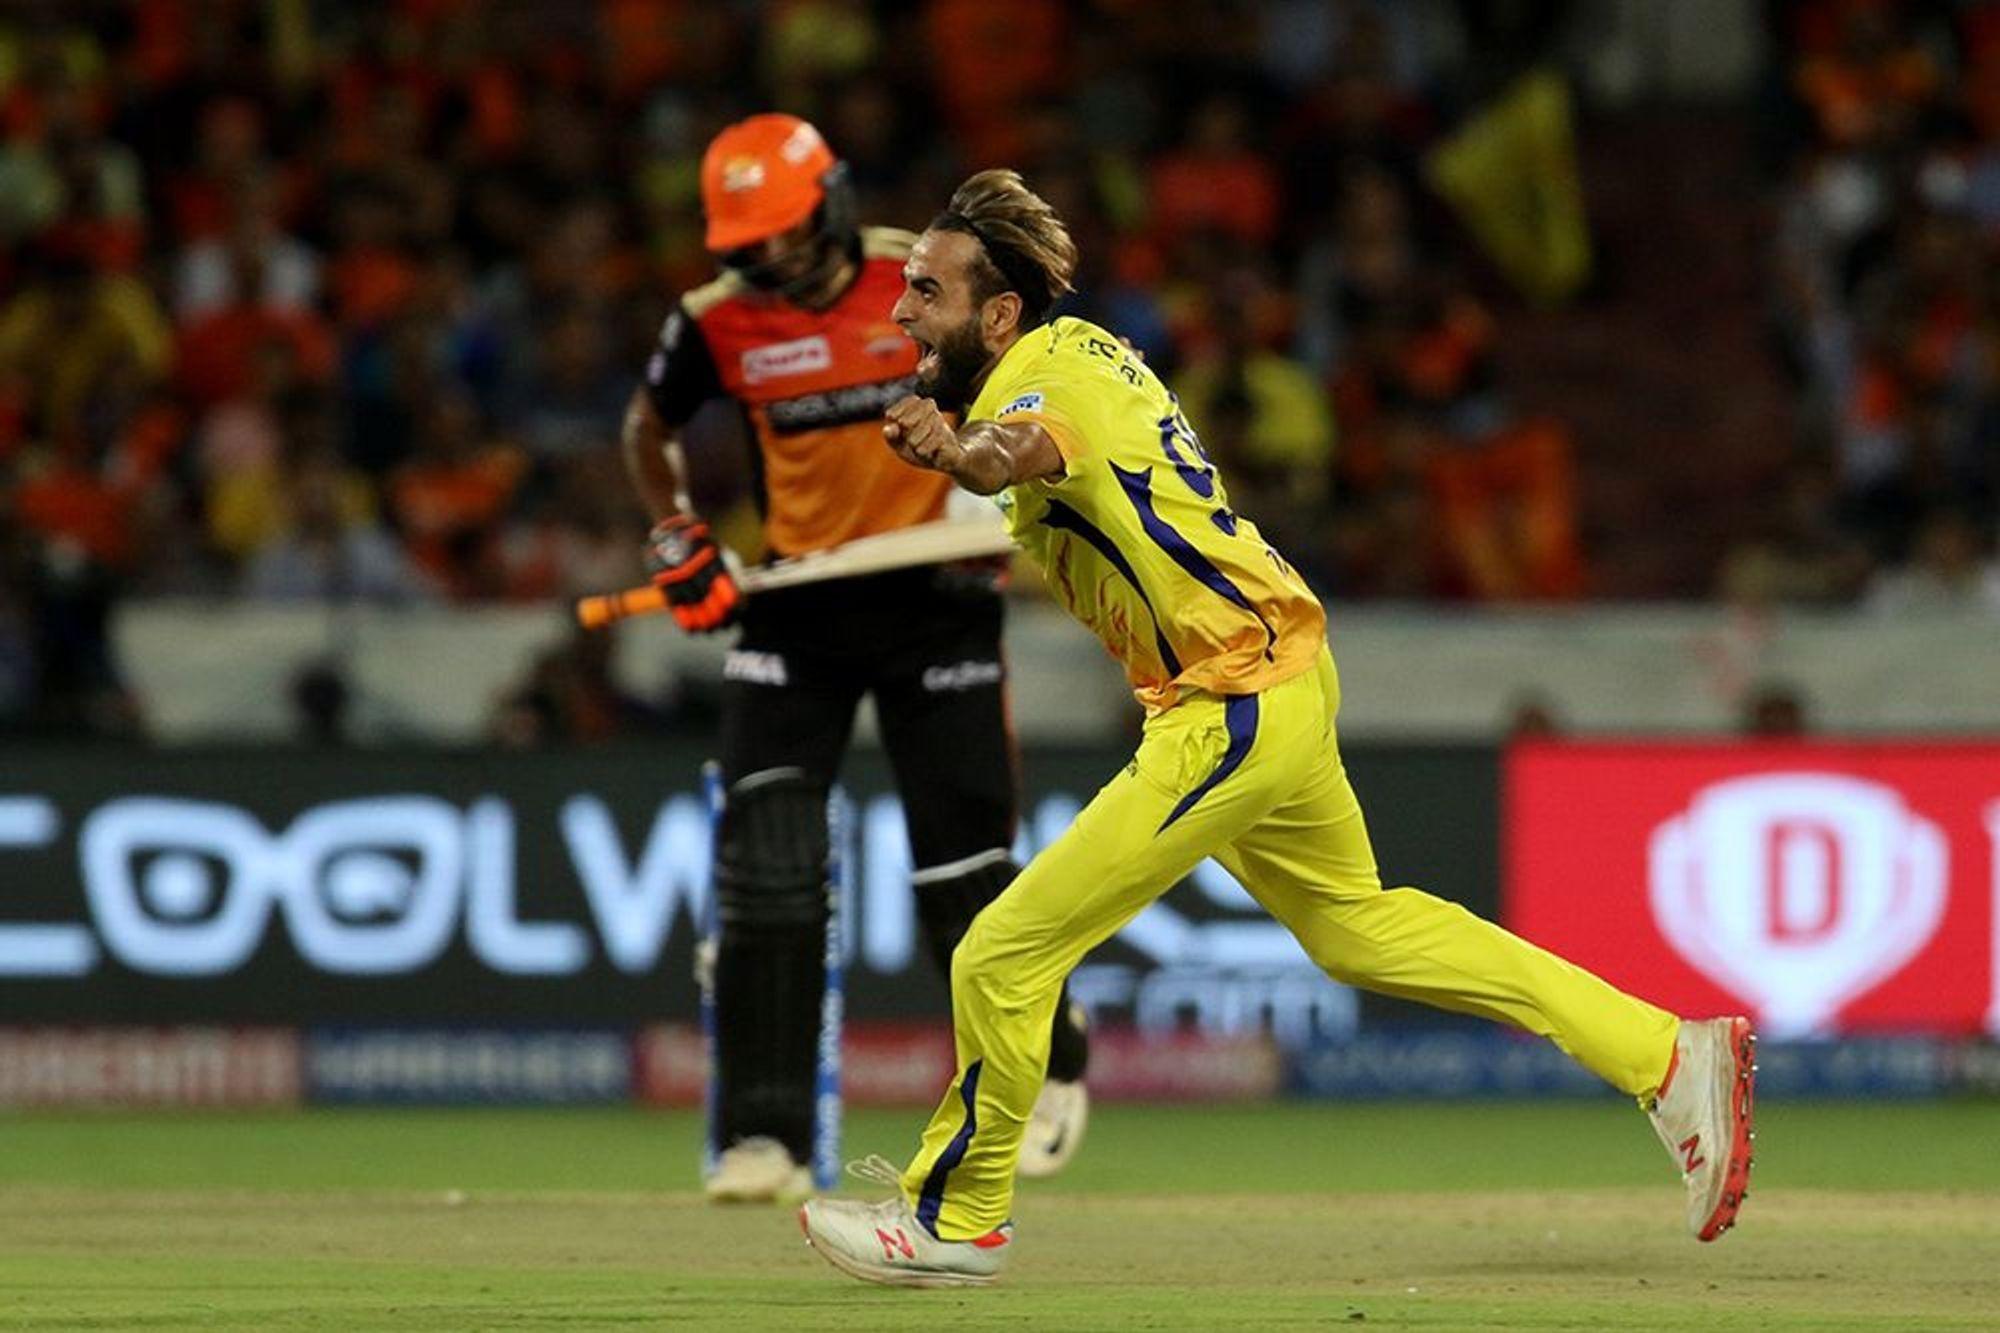 सनराइजर्स हैदराबाद की जीत के बावजूद विजय शंकर जमकर हुए ट्रोल, विश्व कप टीम से निकालने की मांग 40